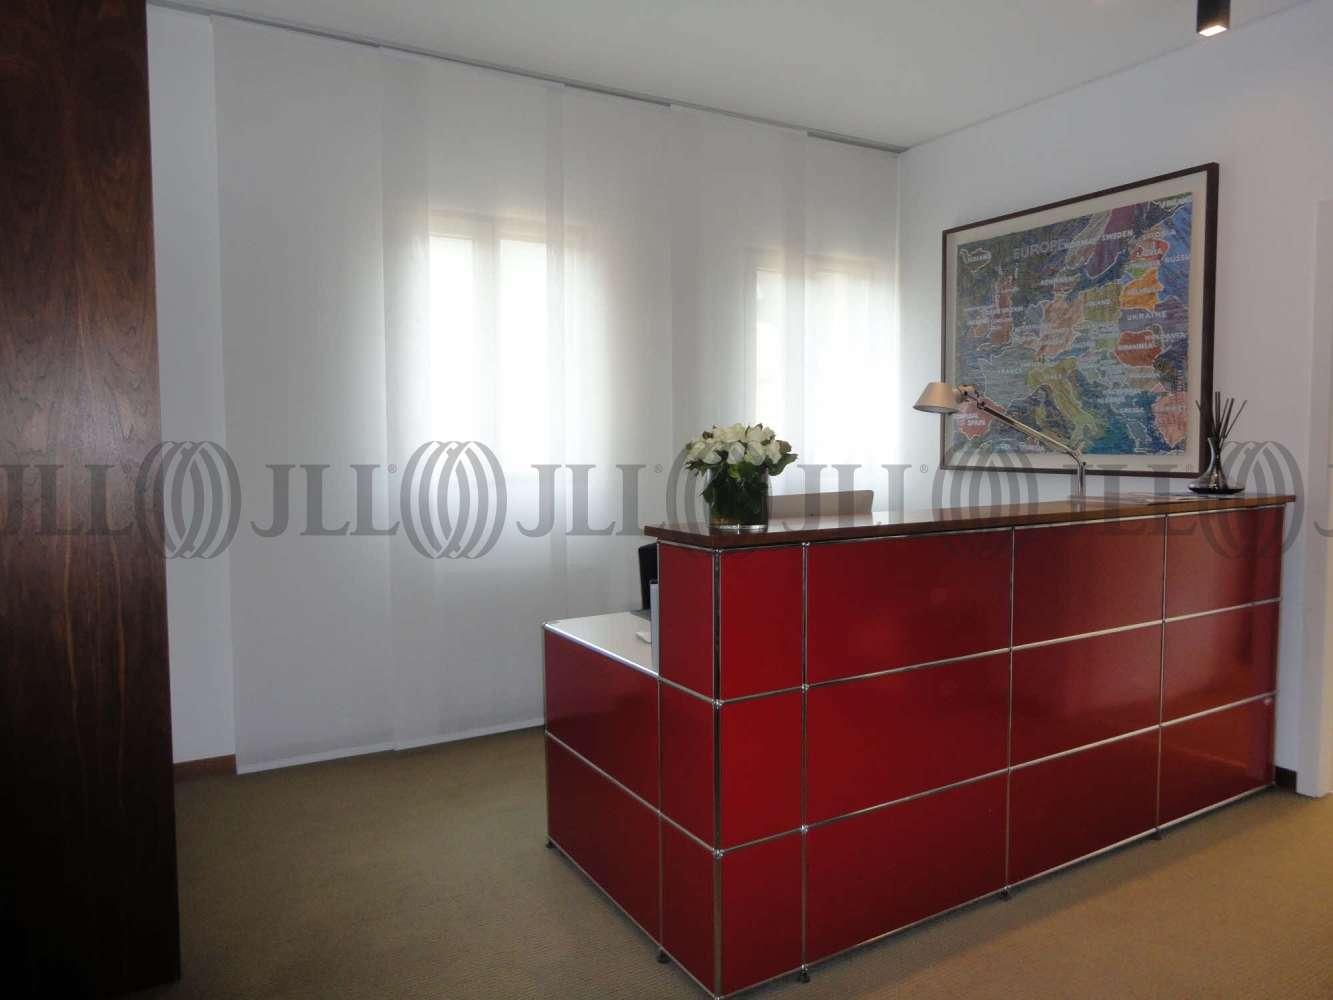 Büros Frankfurt am main, 60313 - Büro - Frankfurt am Main, Innenstadt - F0147 - 9512742